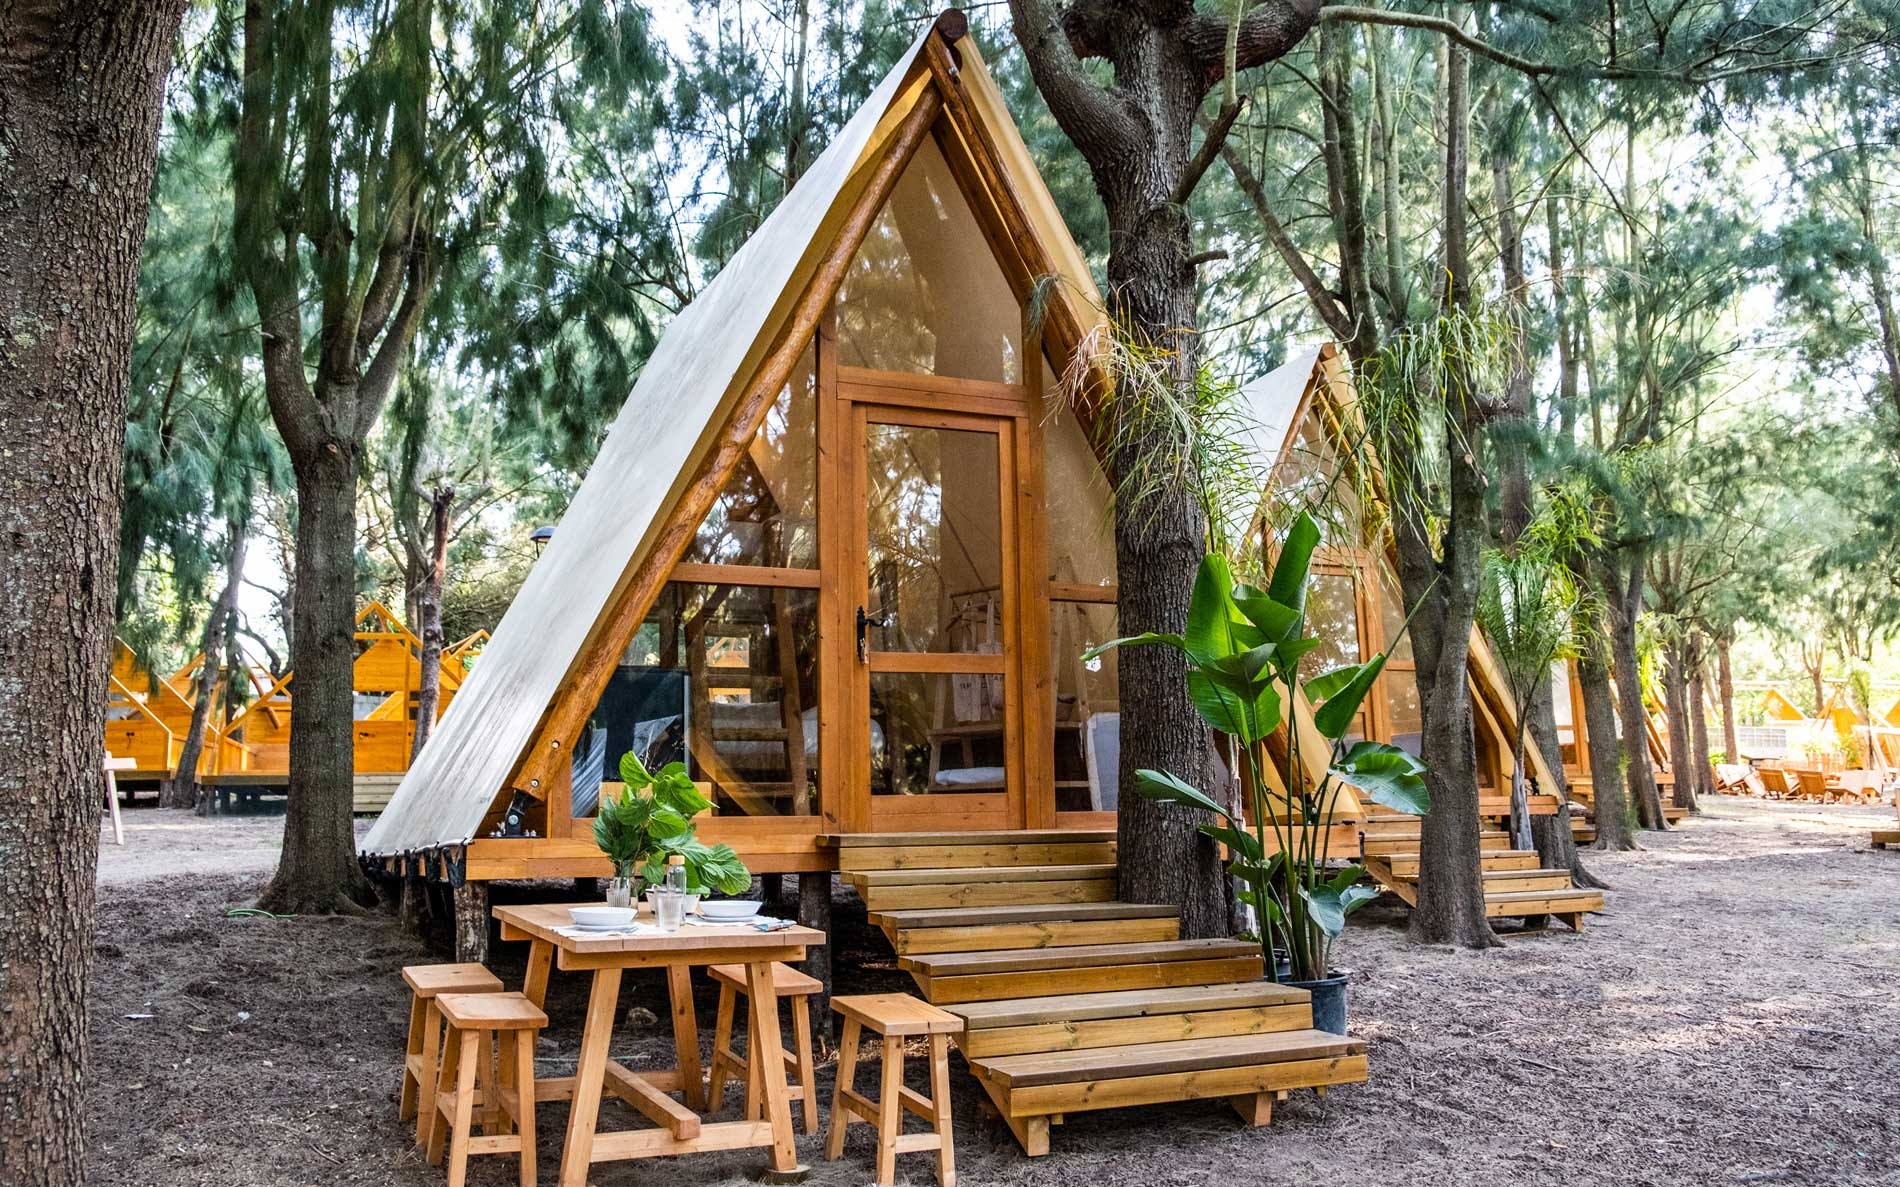 Zona Glamping TEACAMPA  ubicada en Camping Paloma, Tarifa, junto a la Playa de Valdevaqueros.